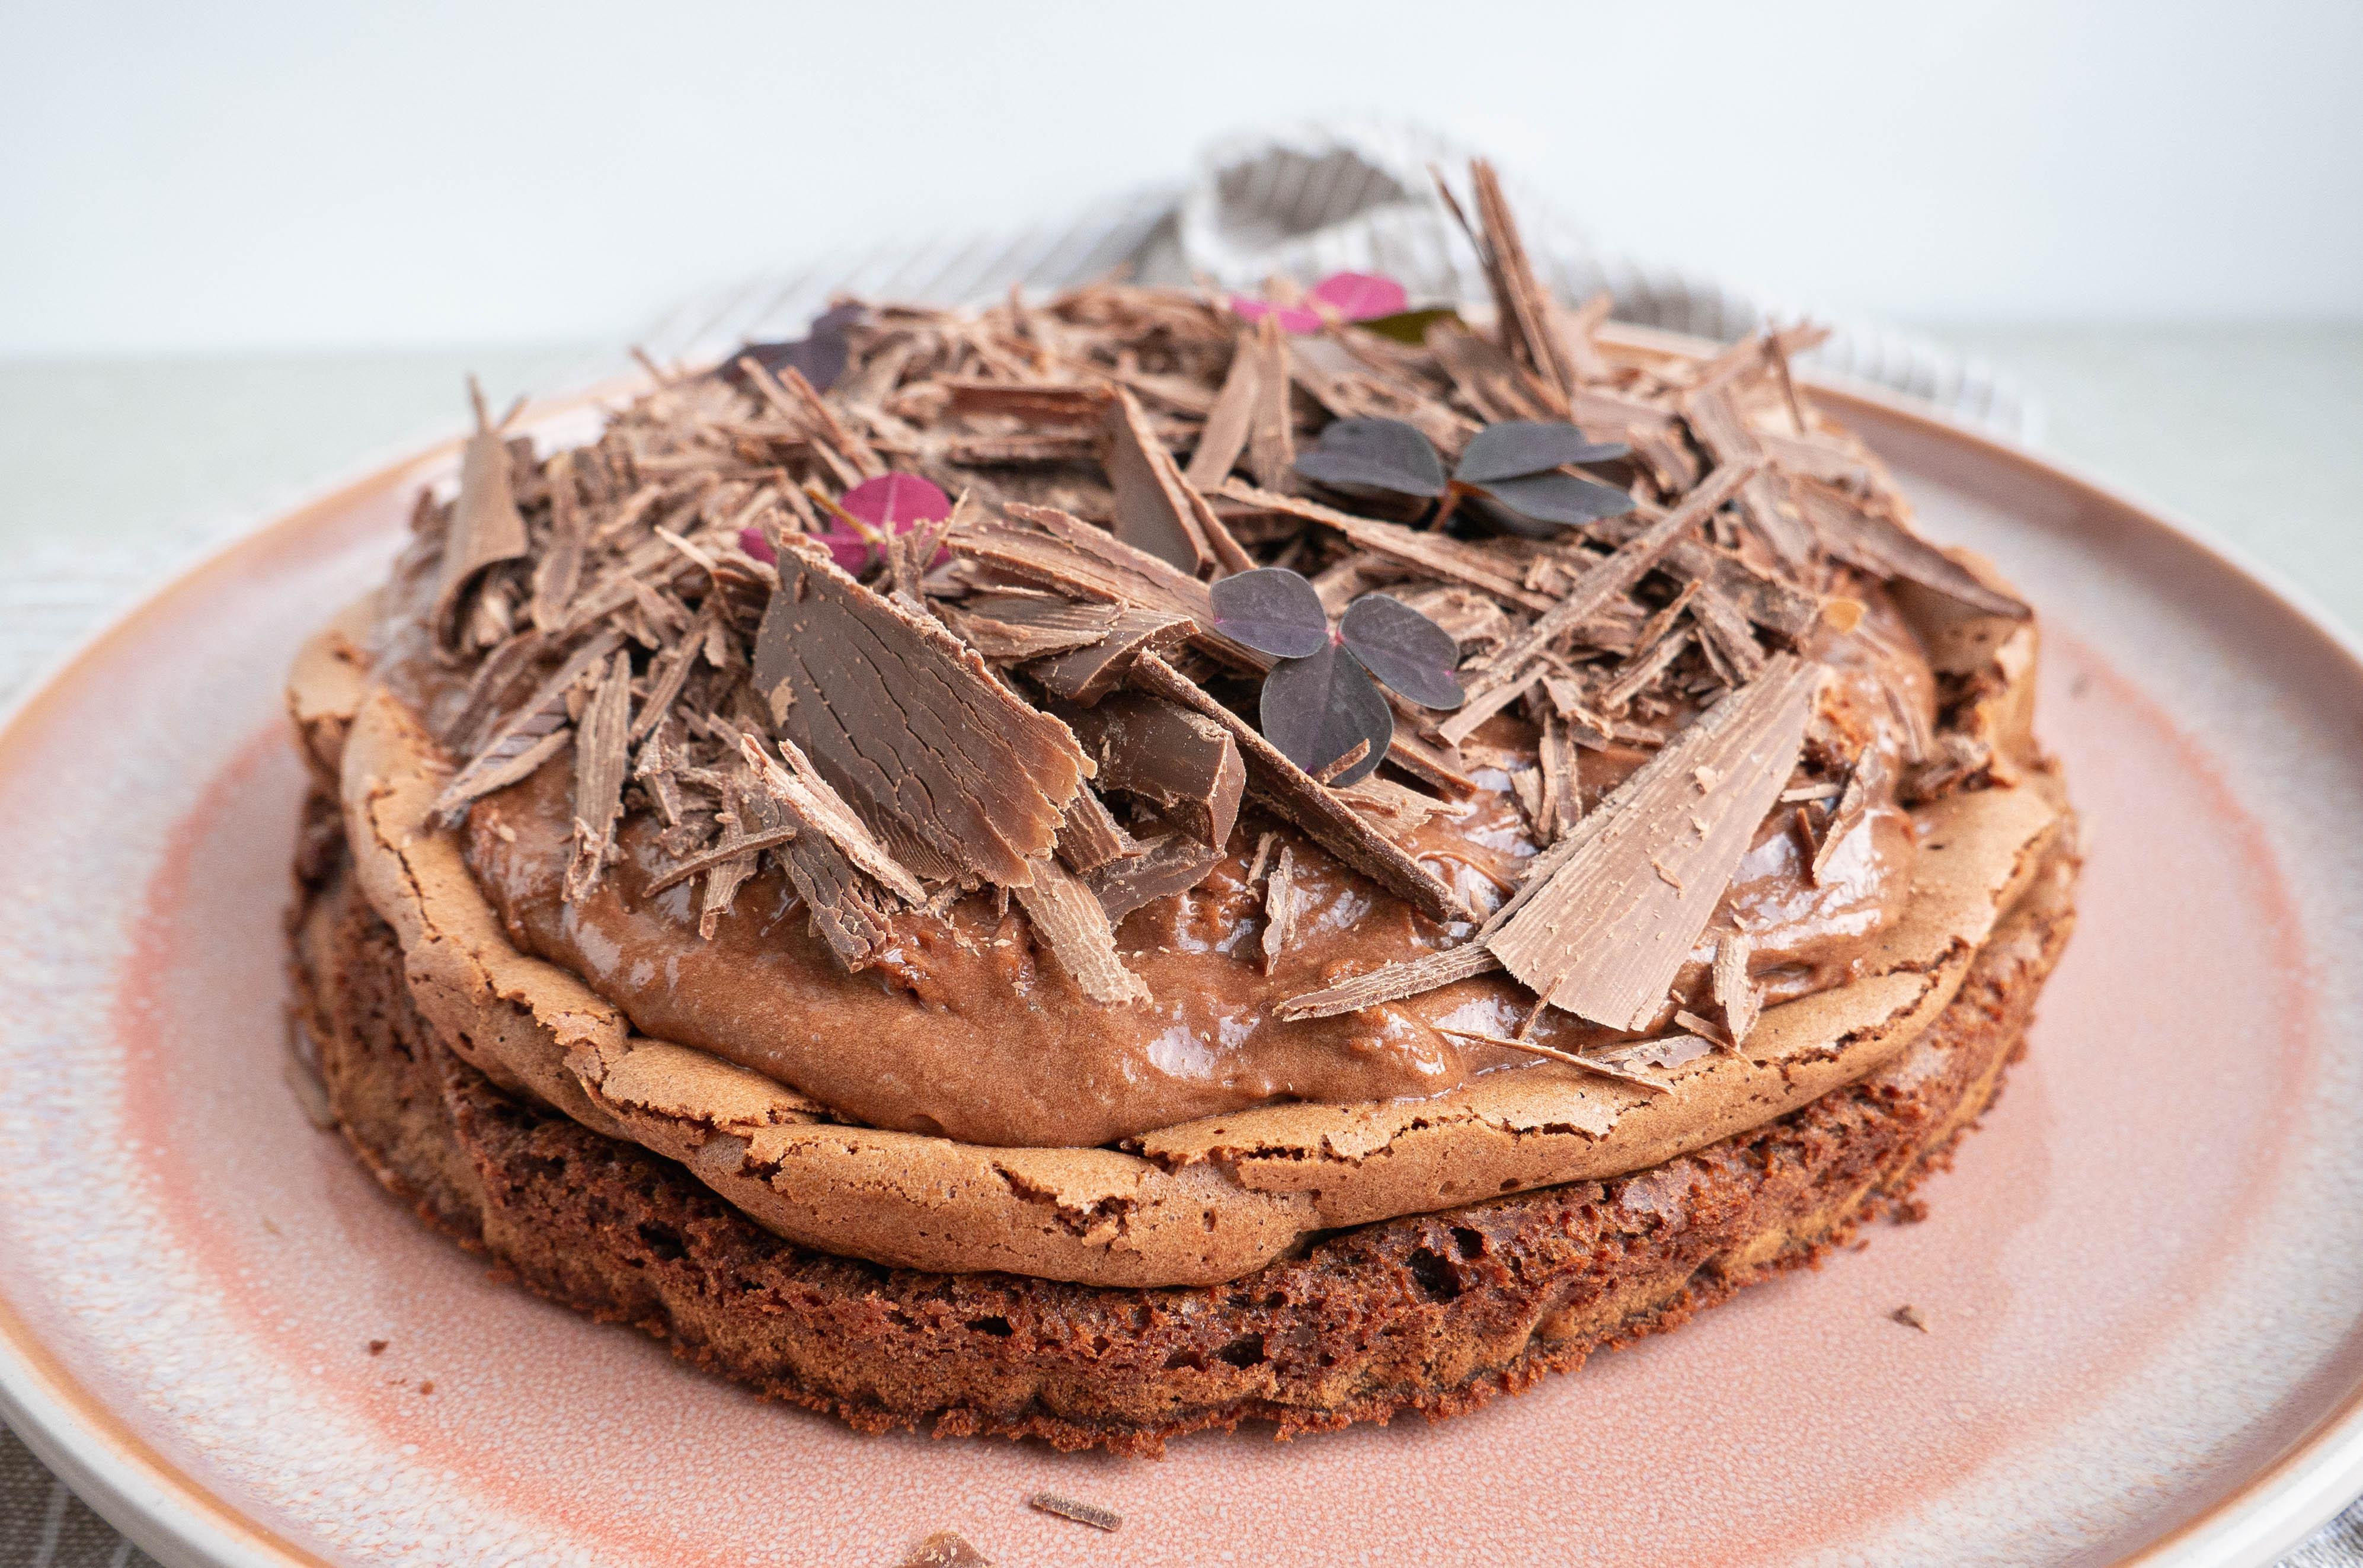 Gateau Marcel - fransk chokoladekage opskrift